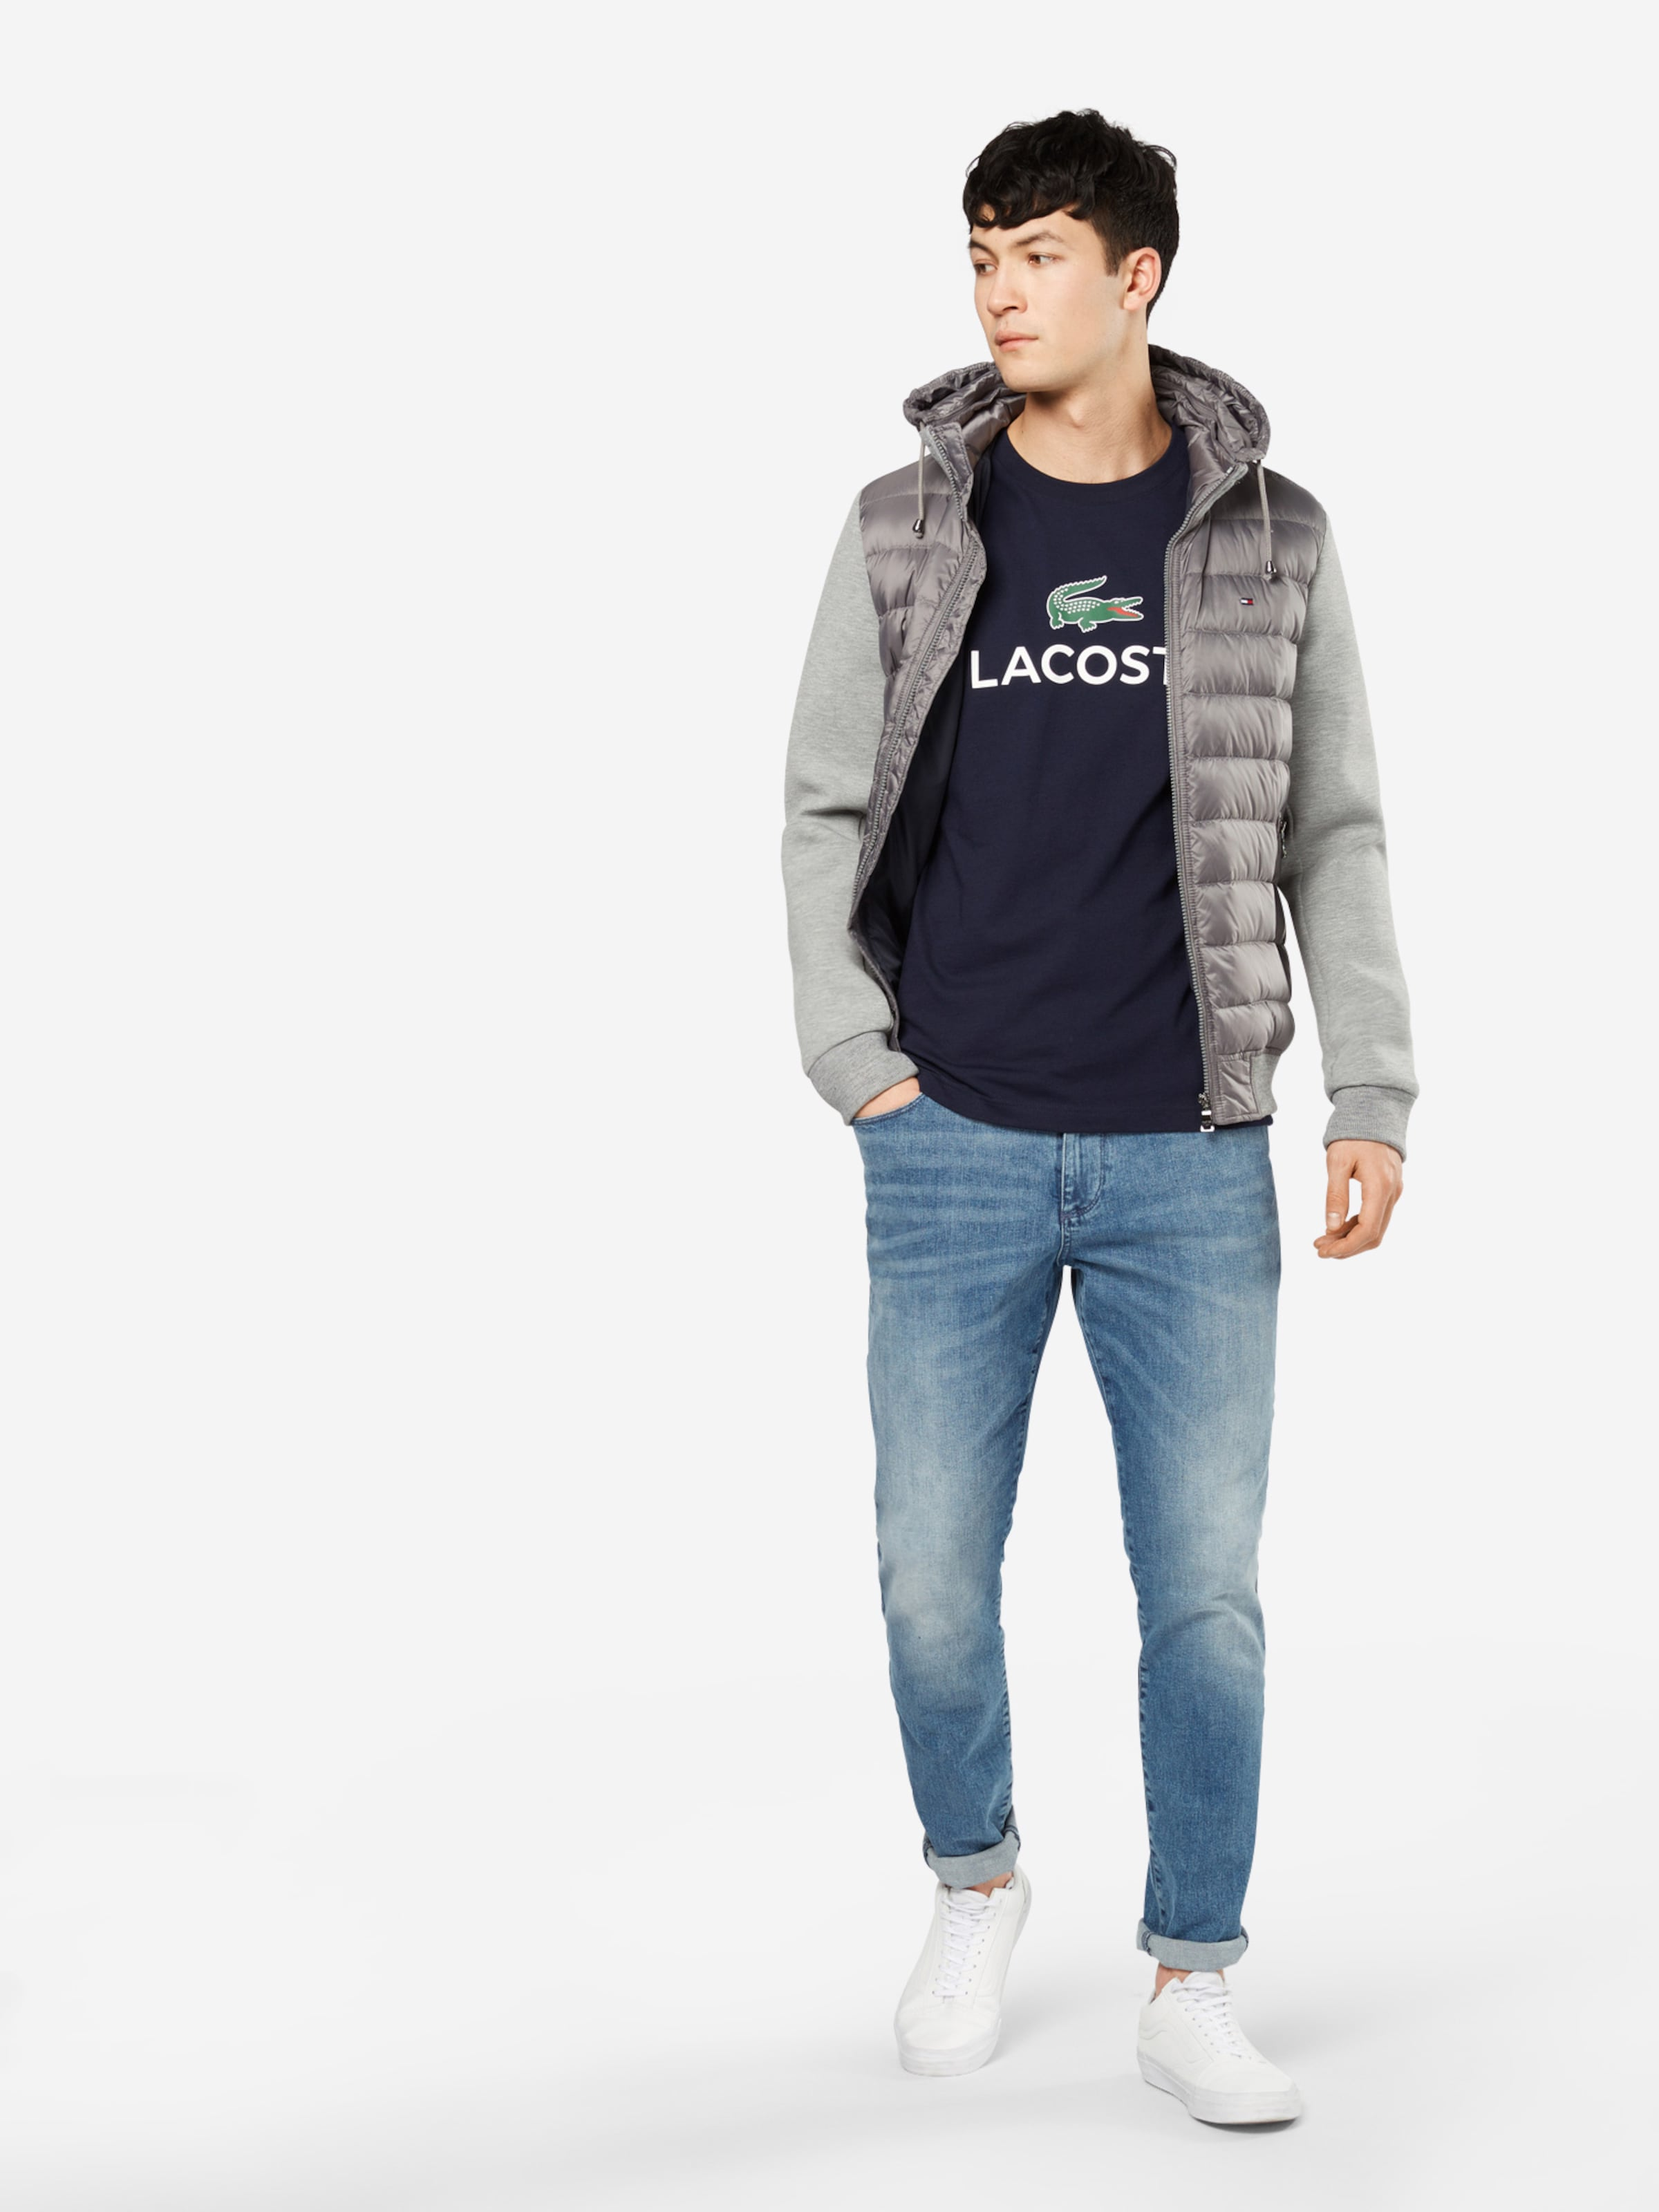 Billig Verkauf Für Billig LACOSTE T-Shirt Rabatt Niedrig Kosten Billig Verkauf Versand Niedriger Preis Gebühr Limitierte Auflage Online-Verkauf n7txVVFC